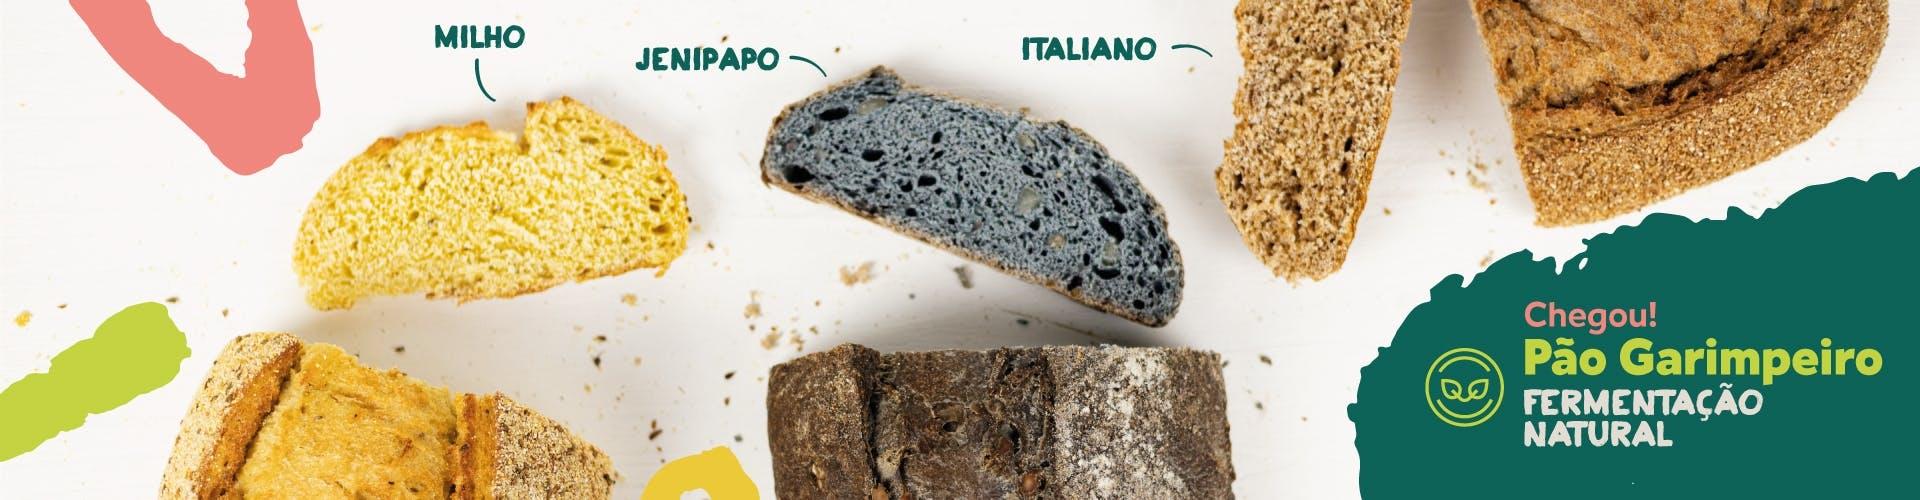 pão artesanal garimpeiro